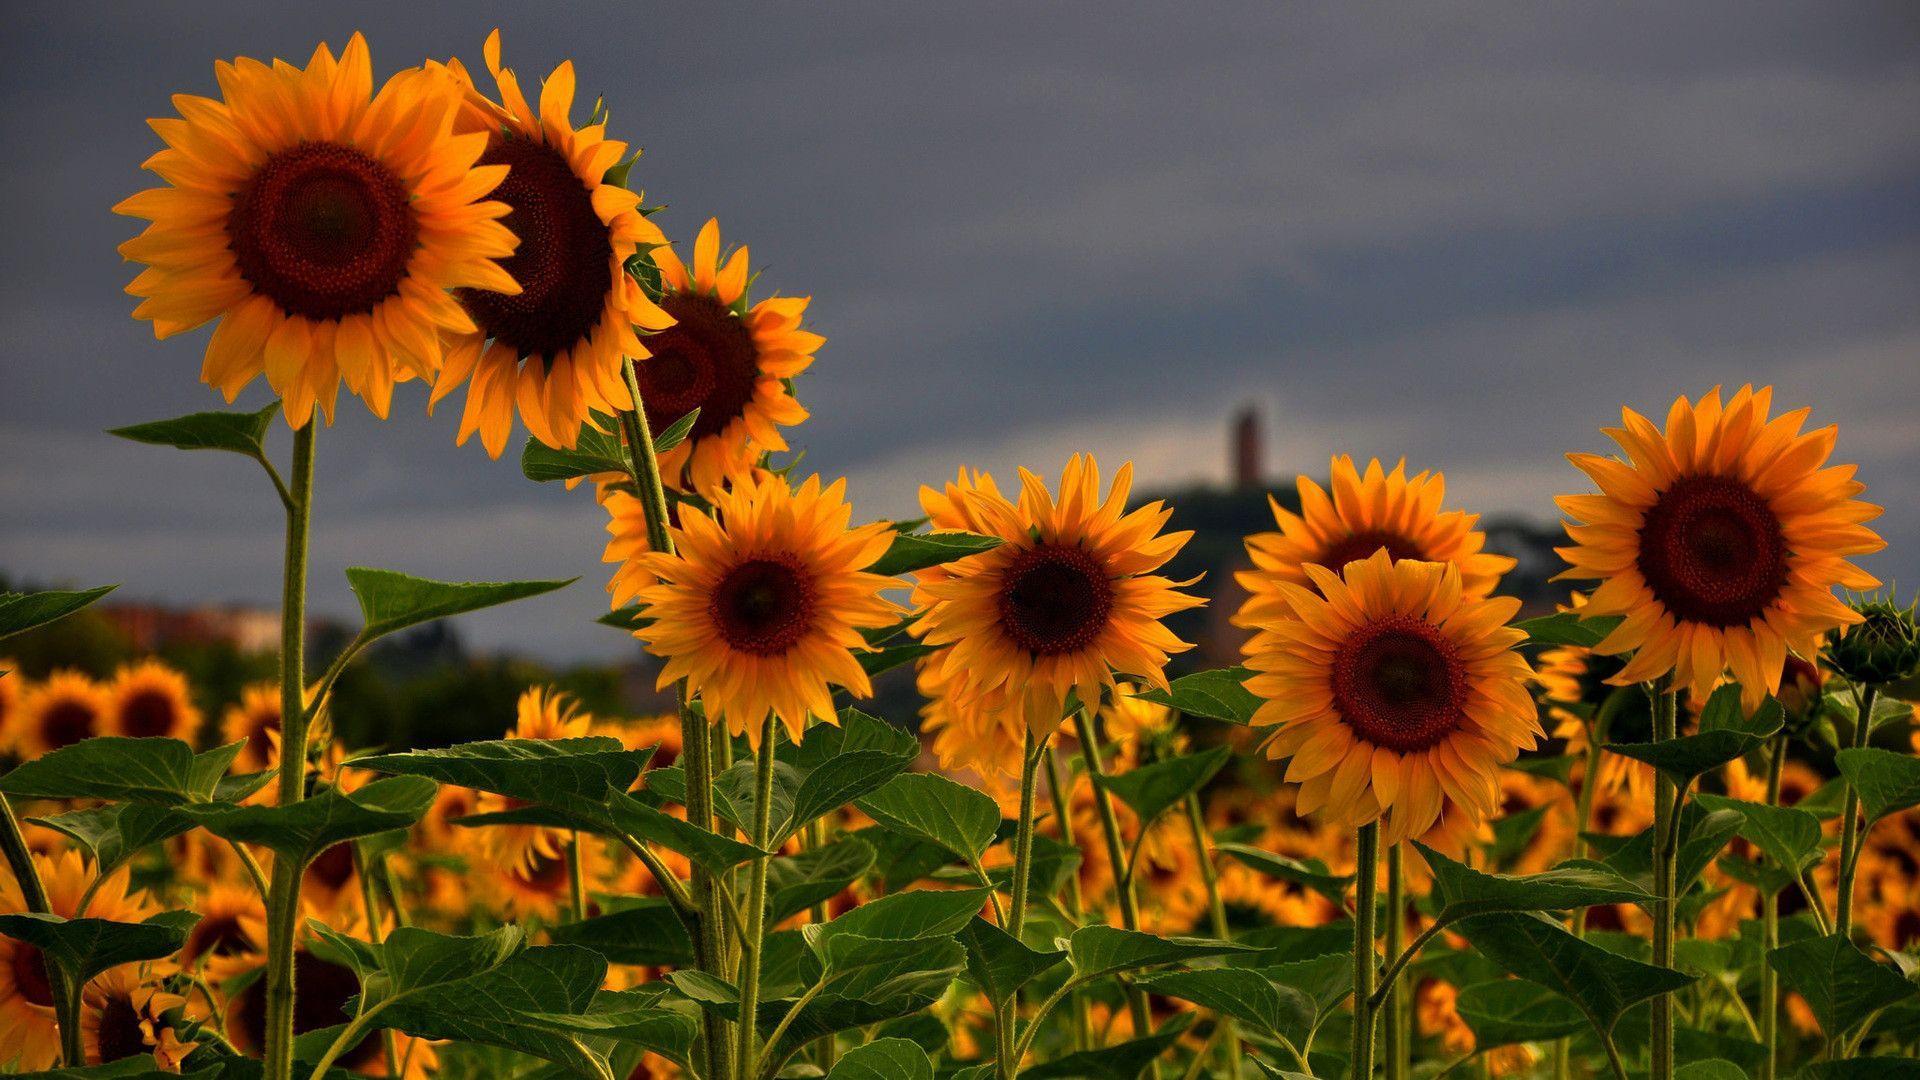 Sunflower Hd Wallpapers Top Free Sunflower Hd Backgrounds Wallpaperaccess